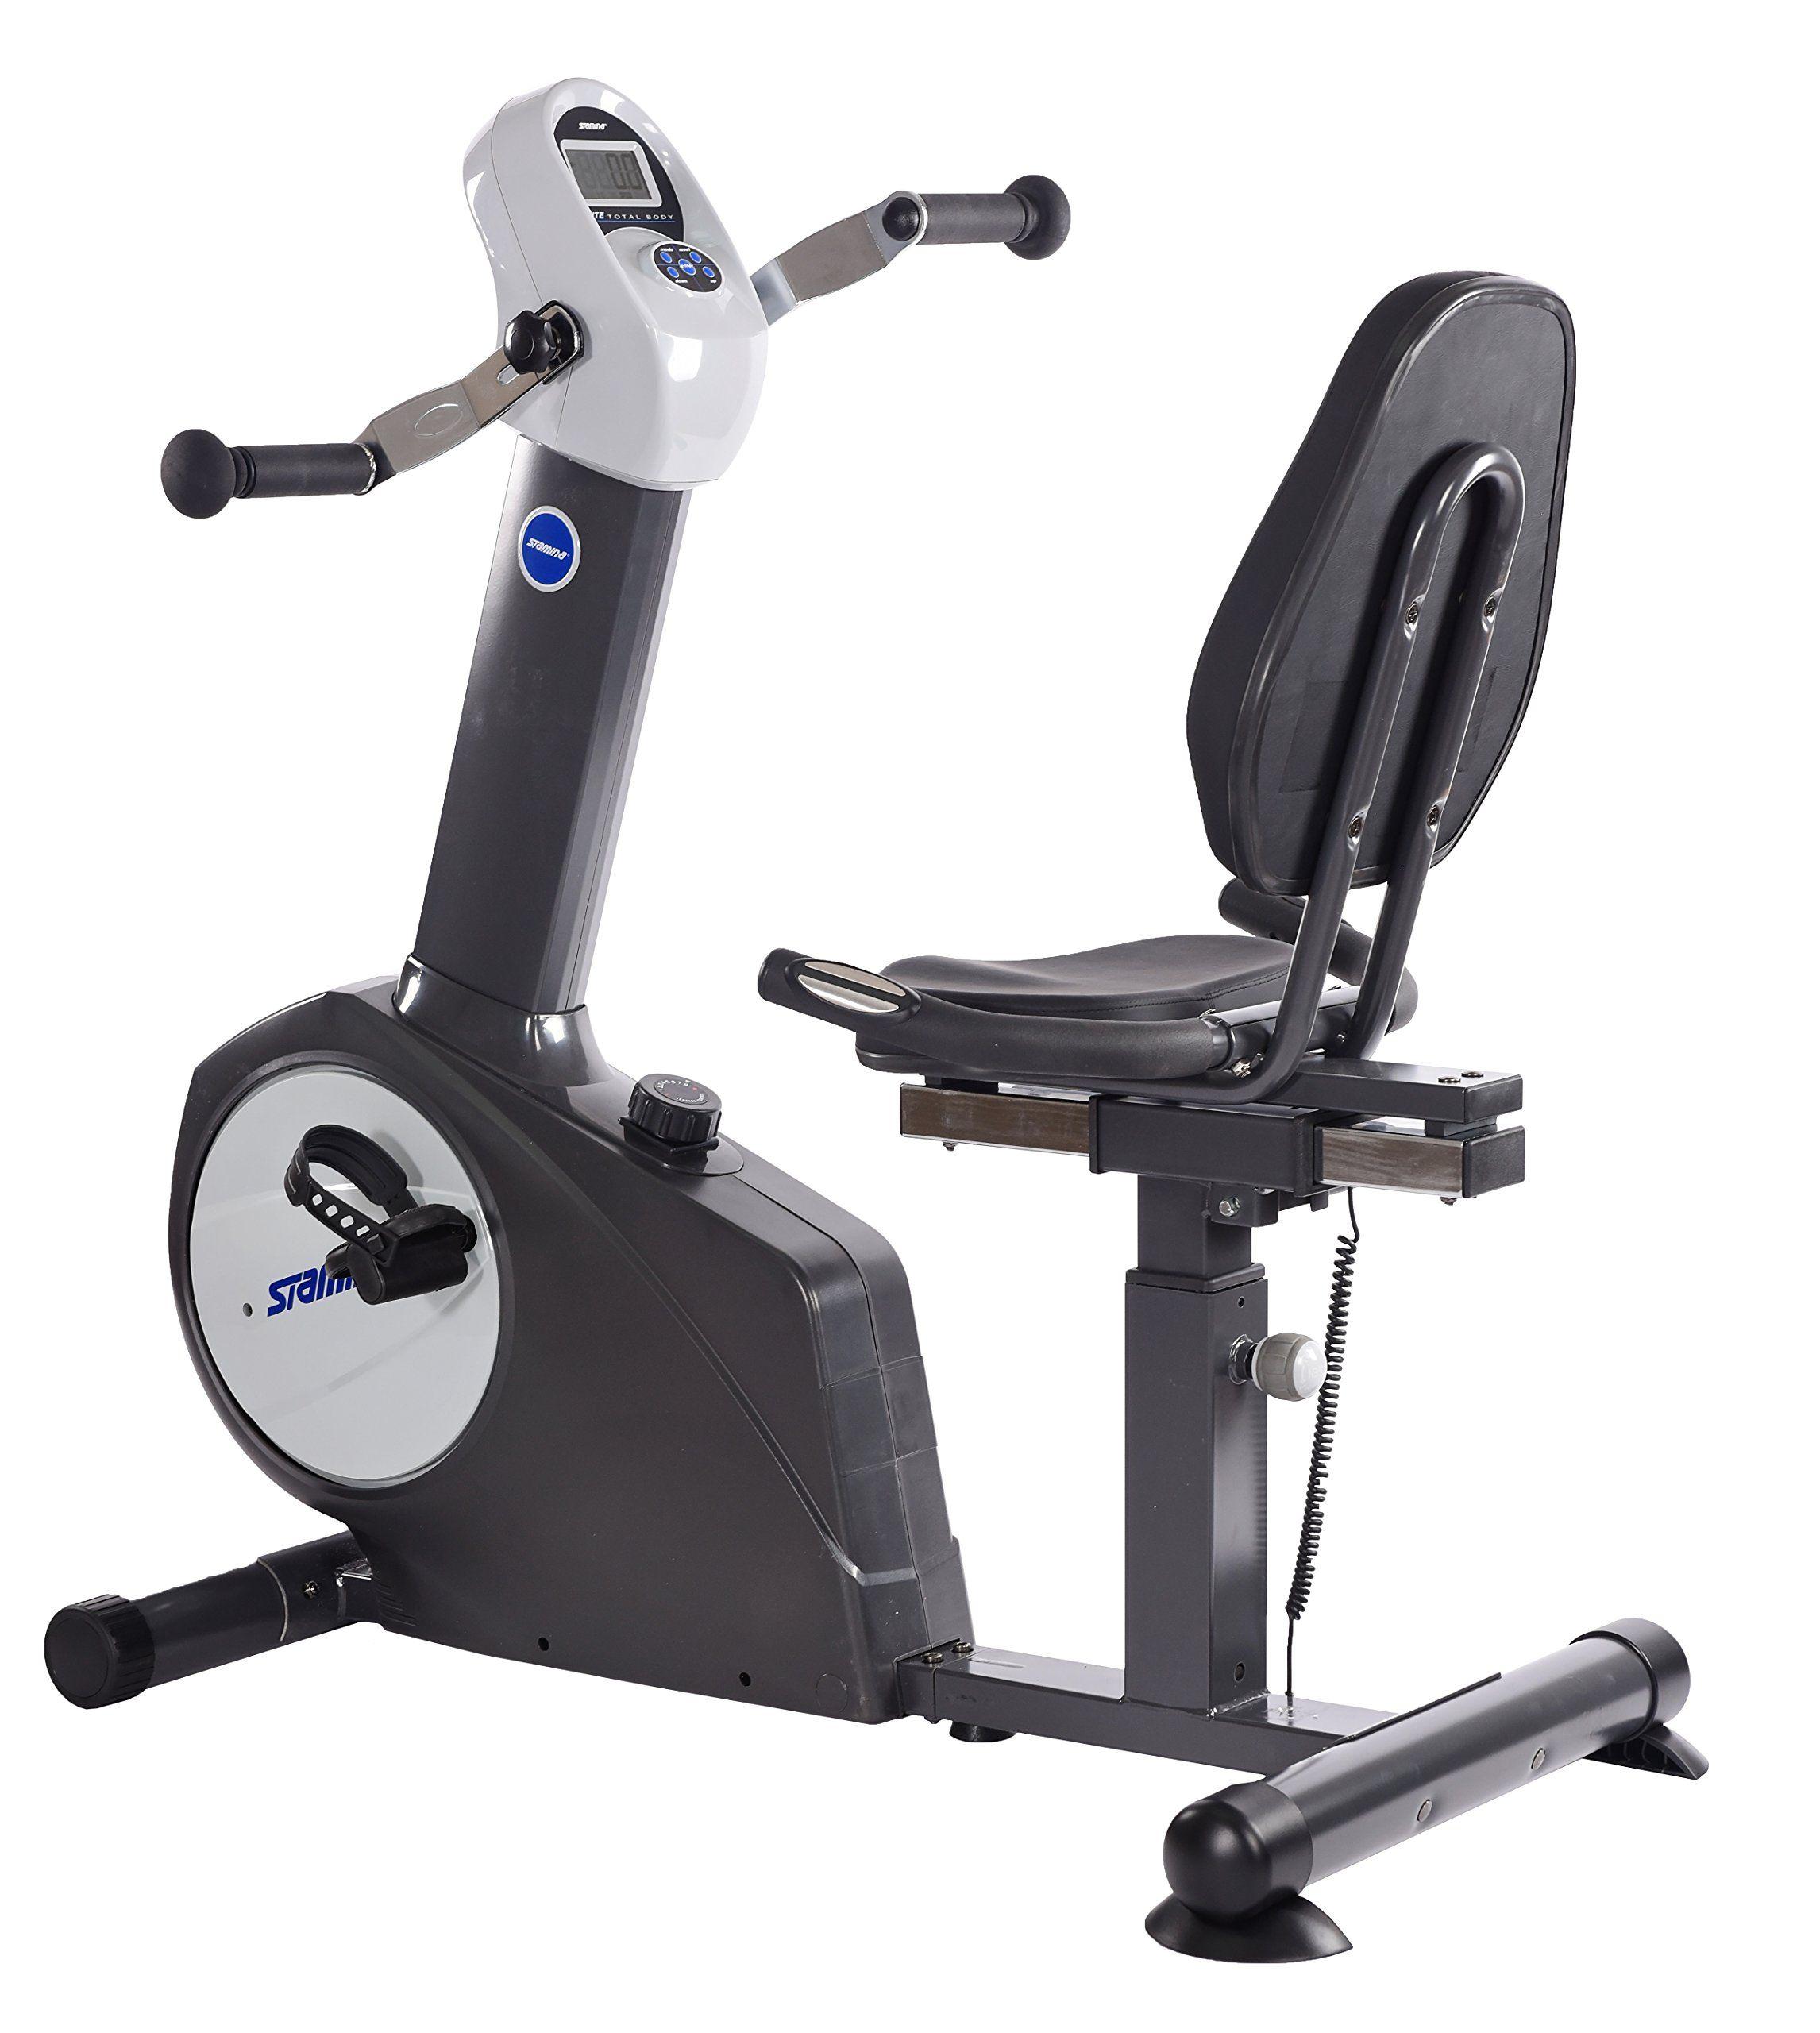 Stamina Elite Total Body Recumbent Bike Biking Workout Lower